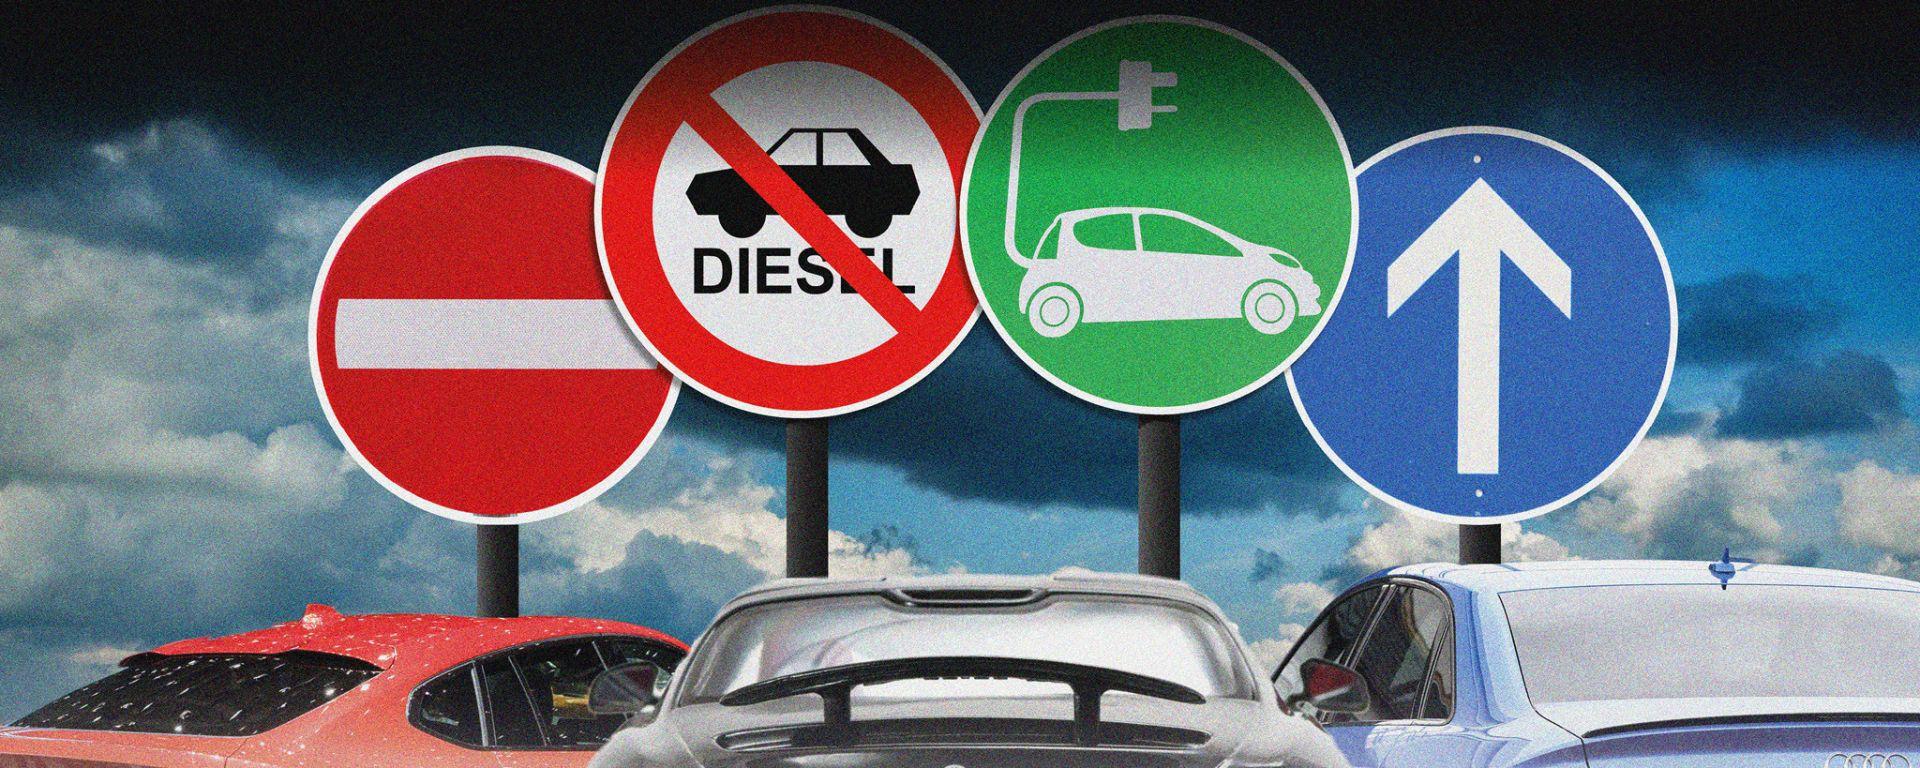 Auto elettrica, auto diesel e inquinamento: quanta confusione